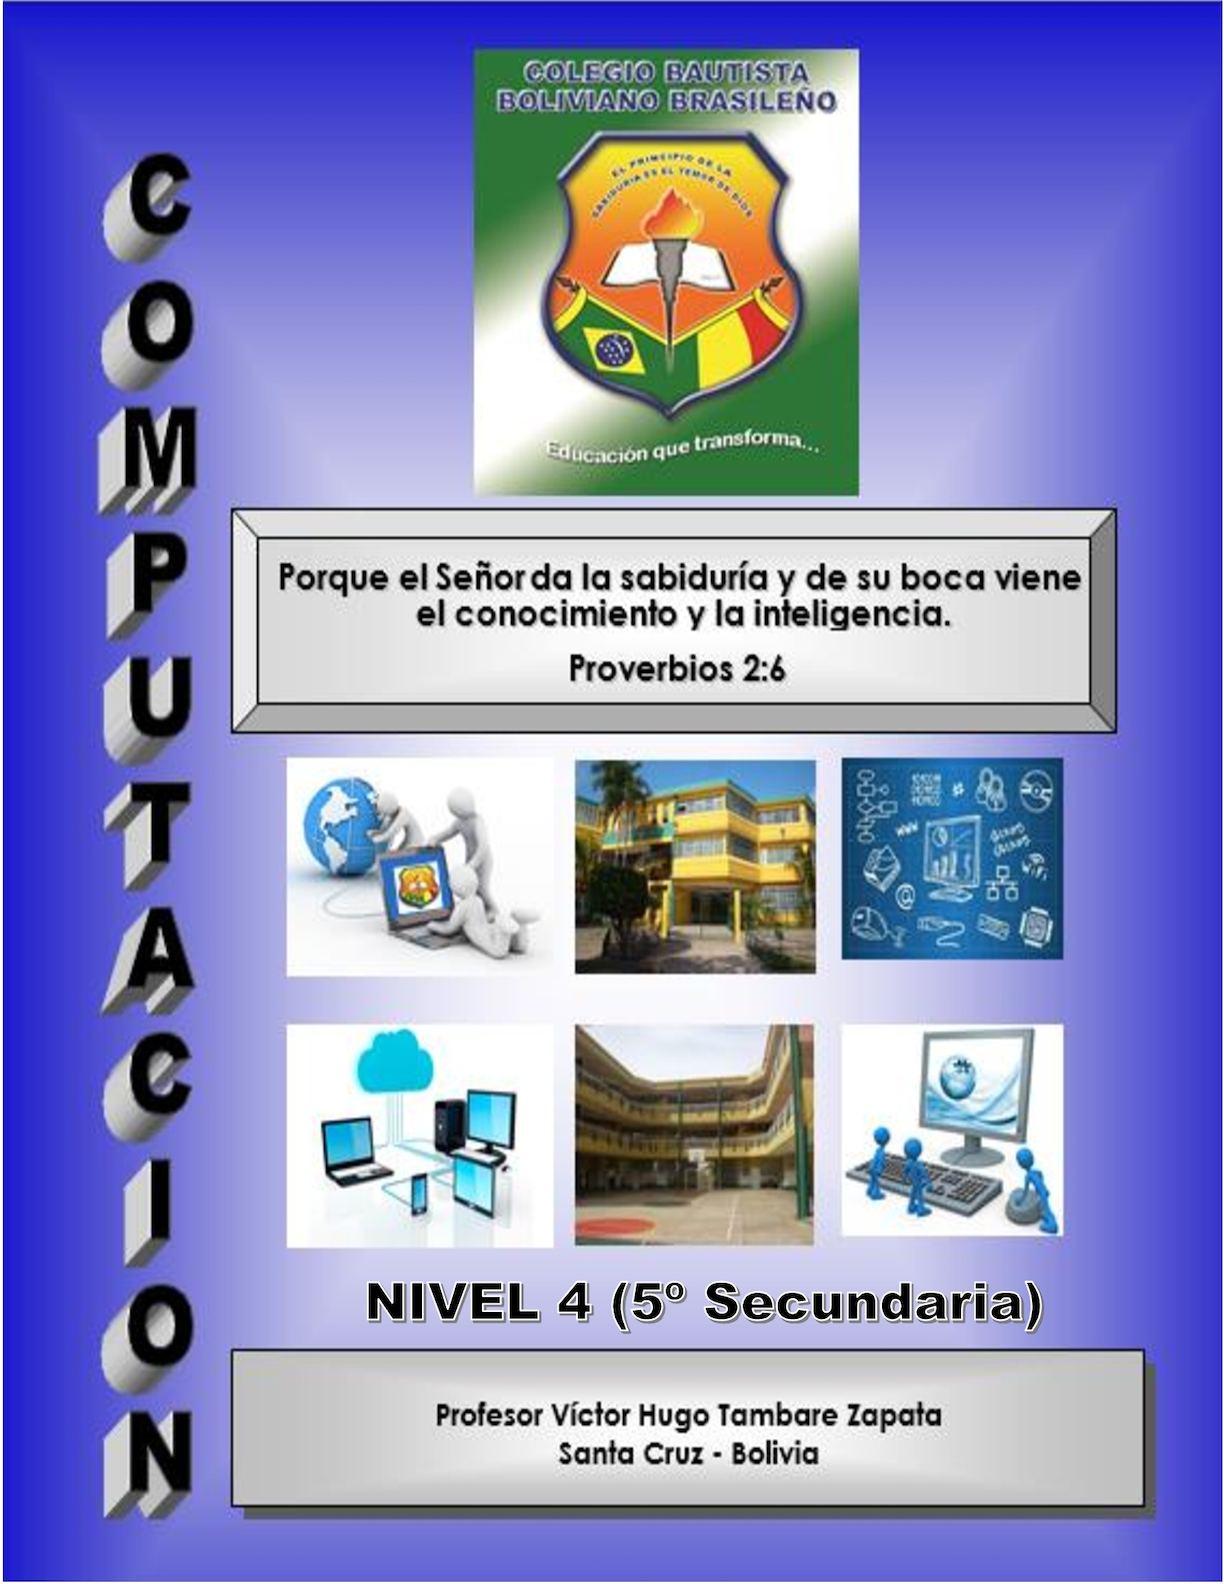 TEXTO NIVEL 4 (5o SECUNDARIA)